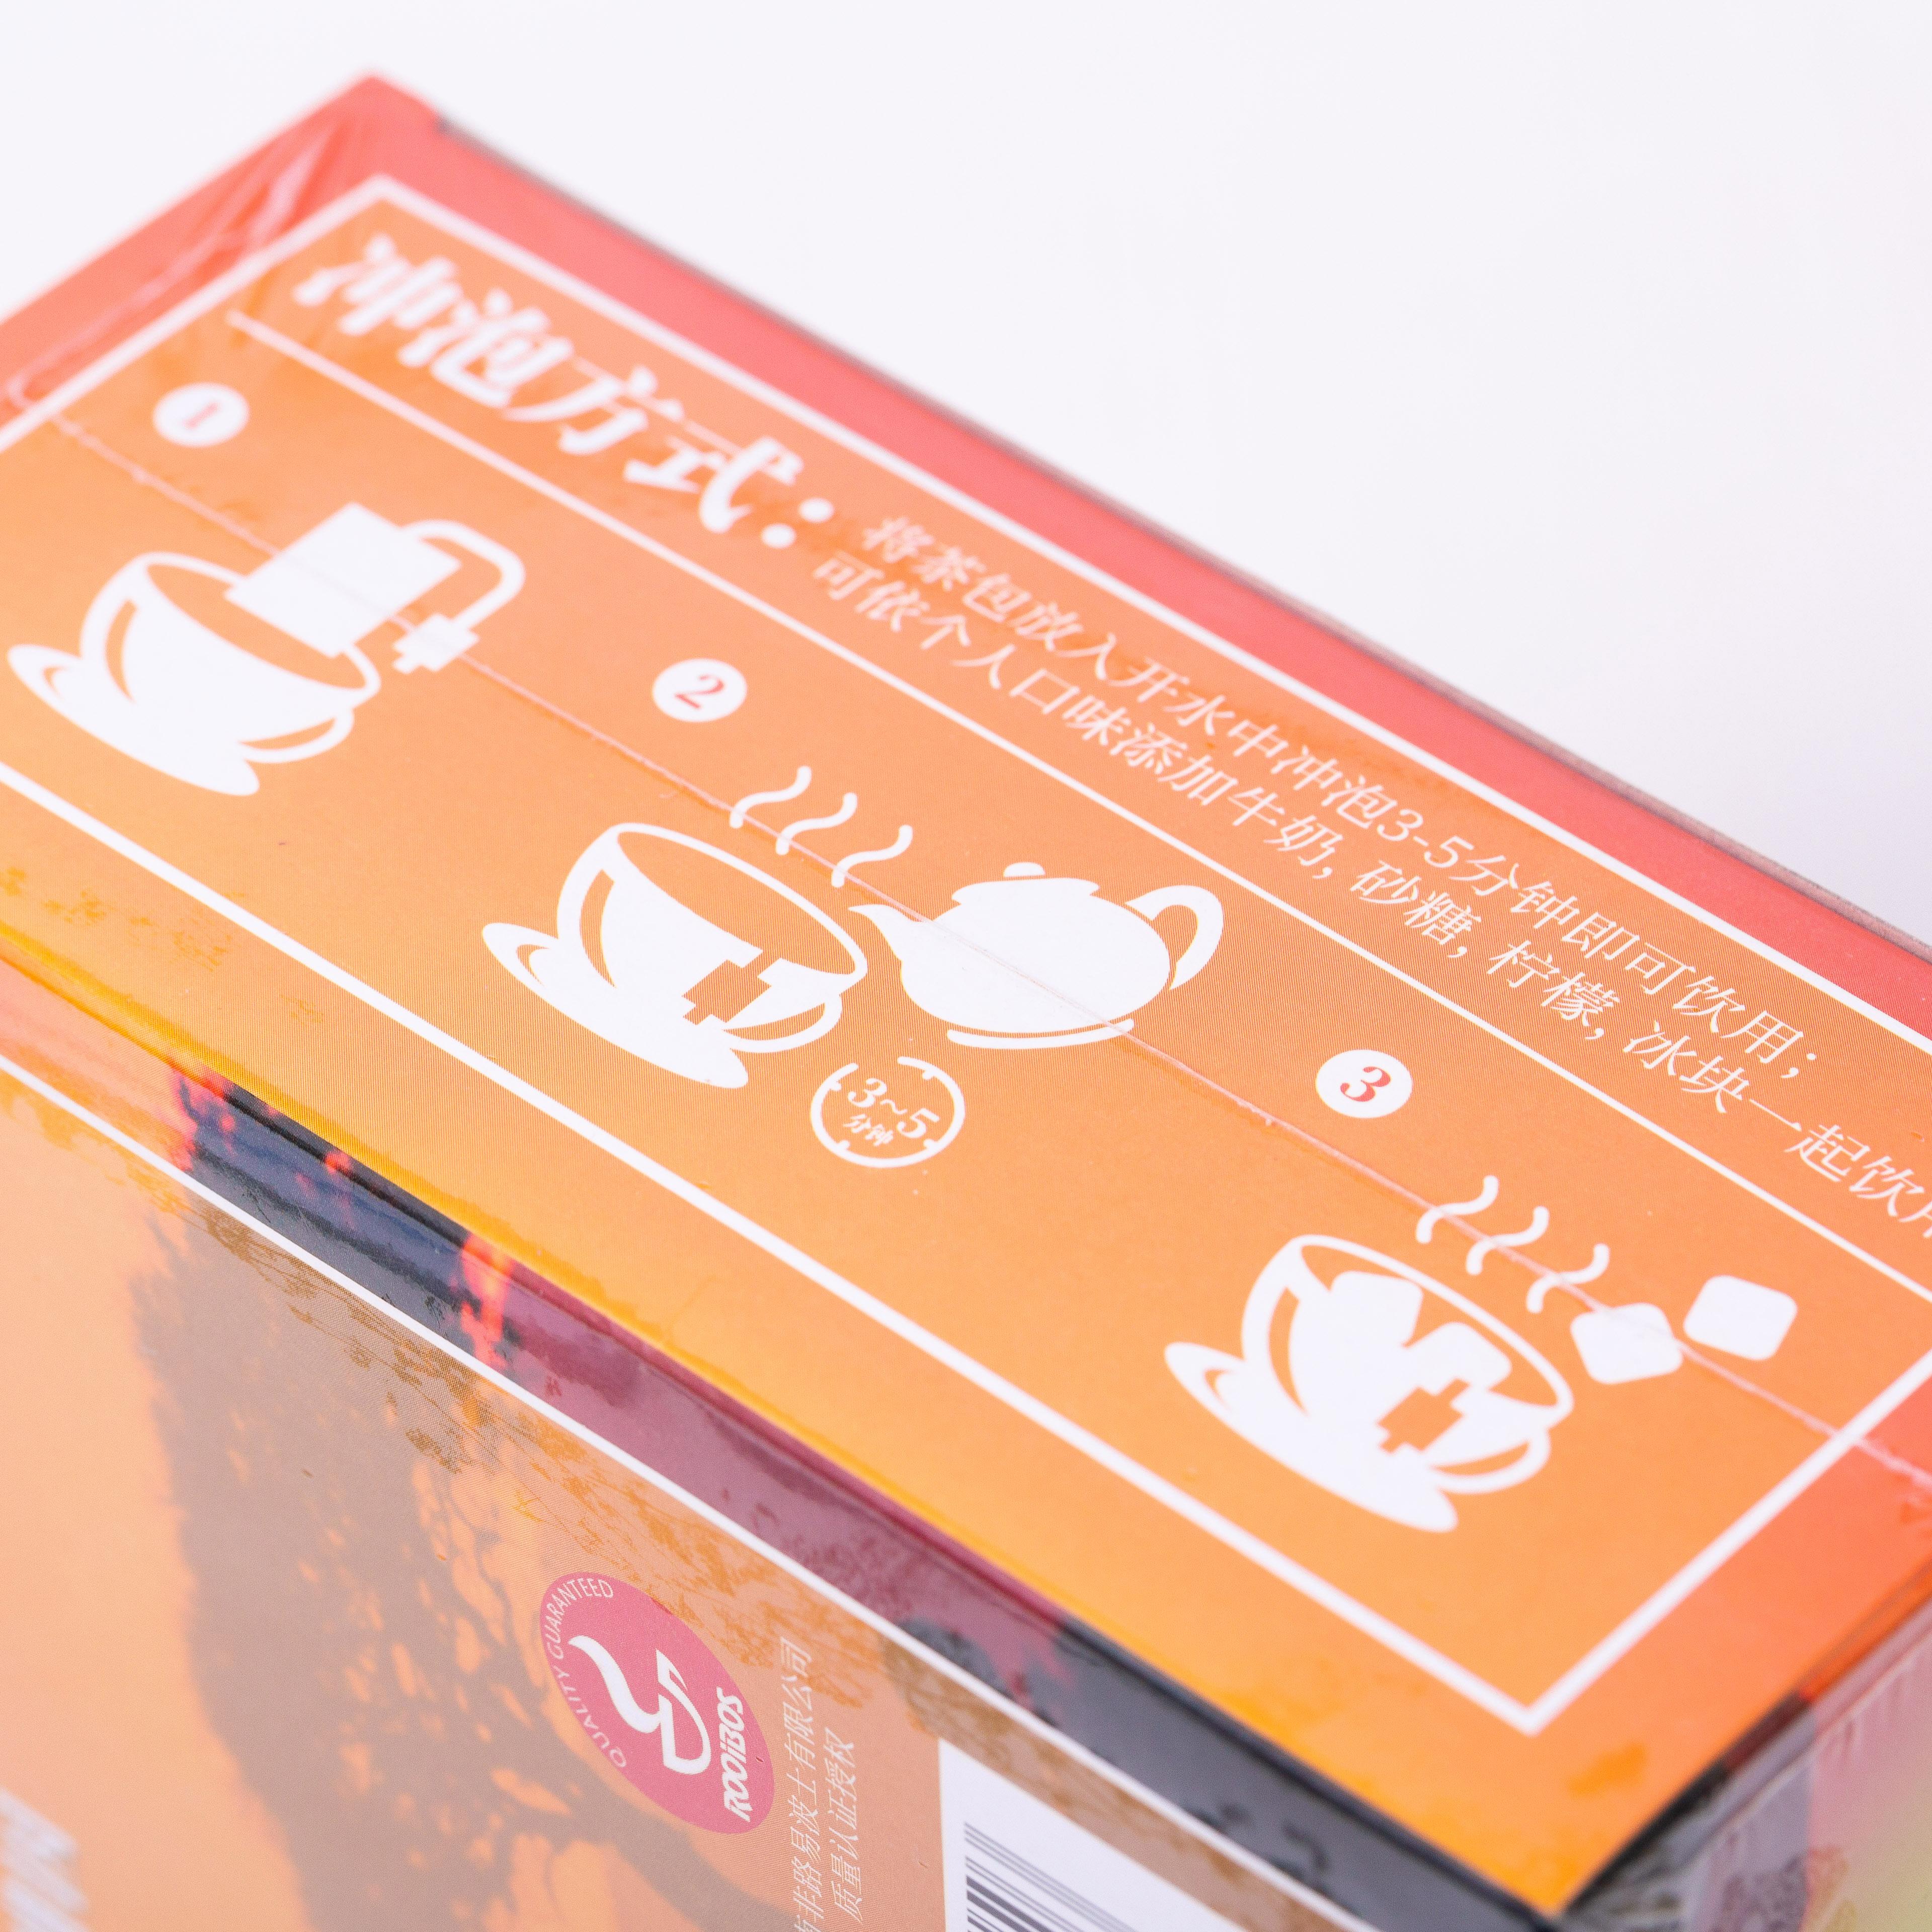 「可以喝的神仙水」开普山谷南非博士茶 Rooibos路易波士国宝红茶无咖啡因 美容养颜  0卡路里 无糖分  孕妇可喝100袋/盒 商品图10